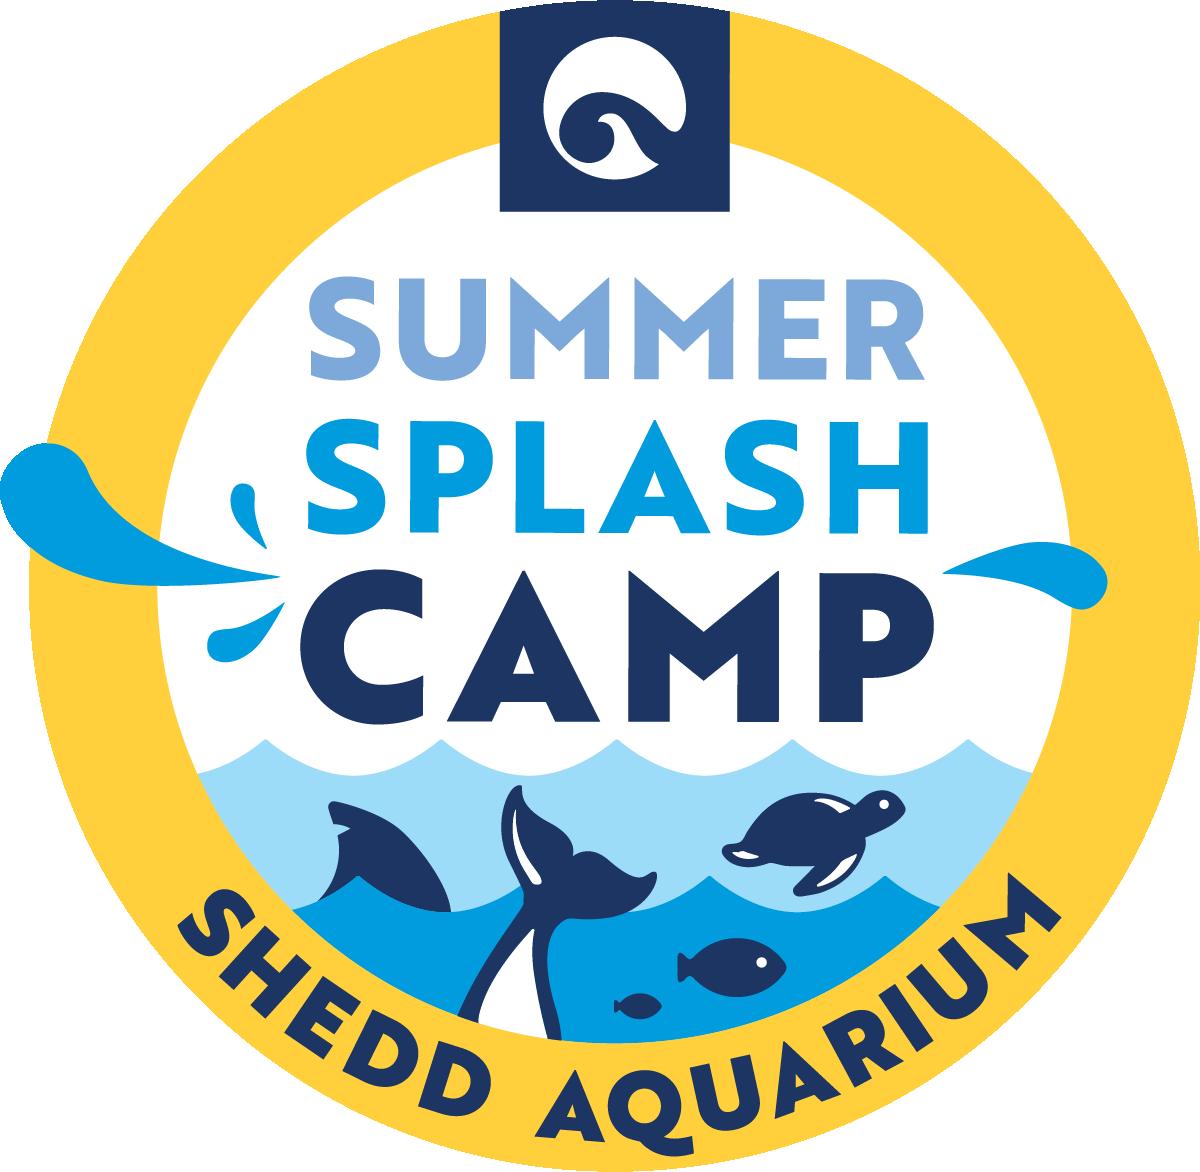 Camp Shedd: Summer Splash